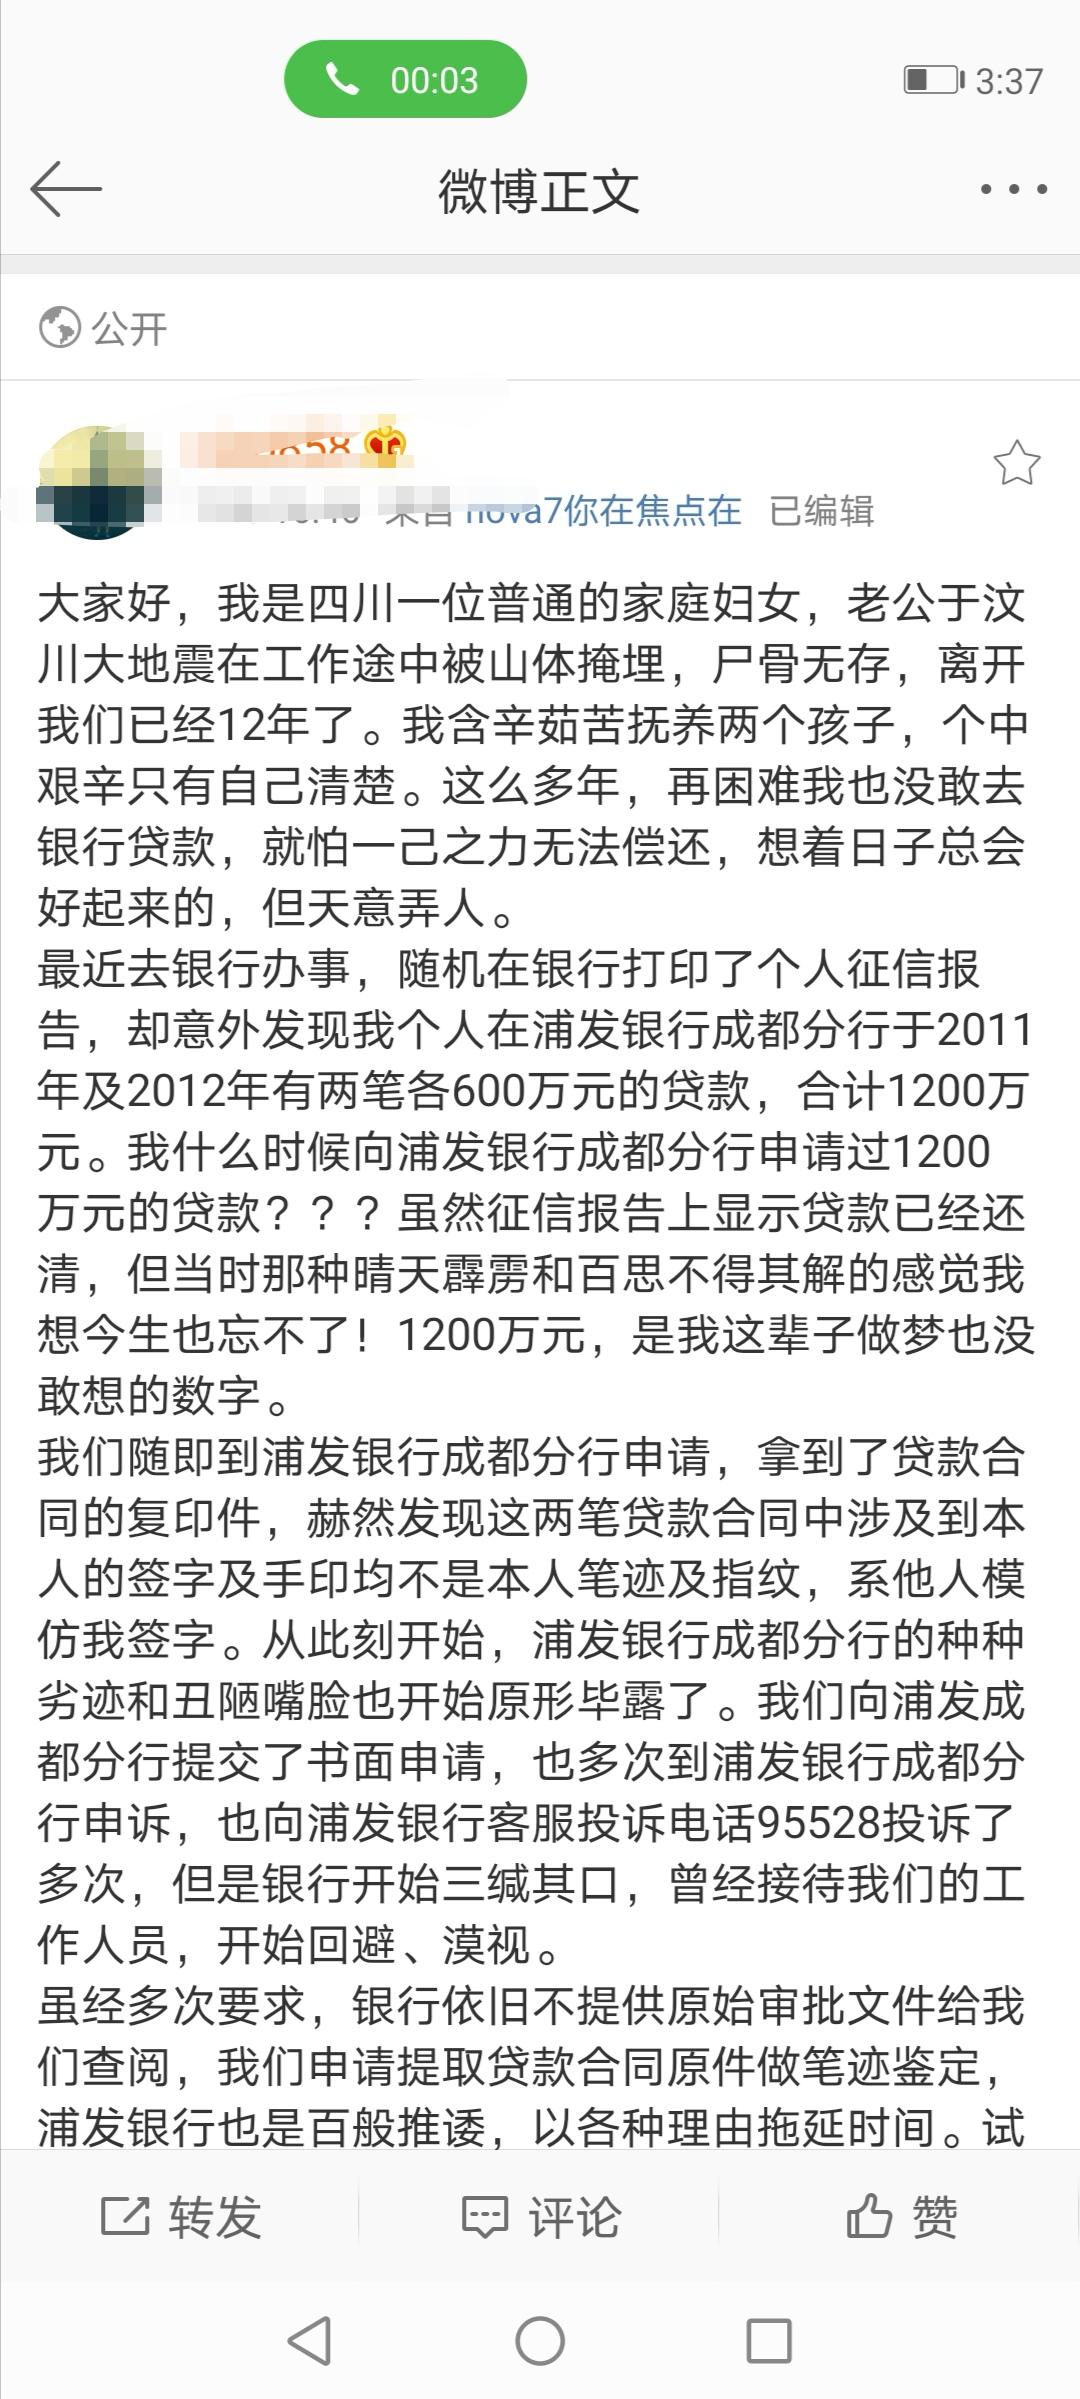 当事一方在微博发文称不知情下被贷款1200万。来源:受访者微博。